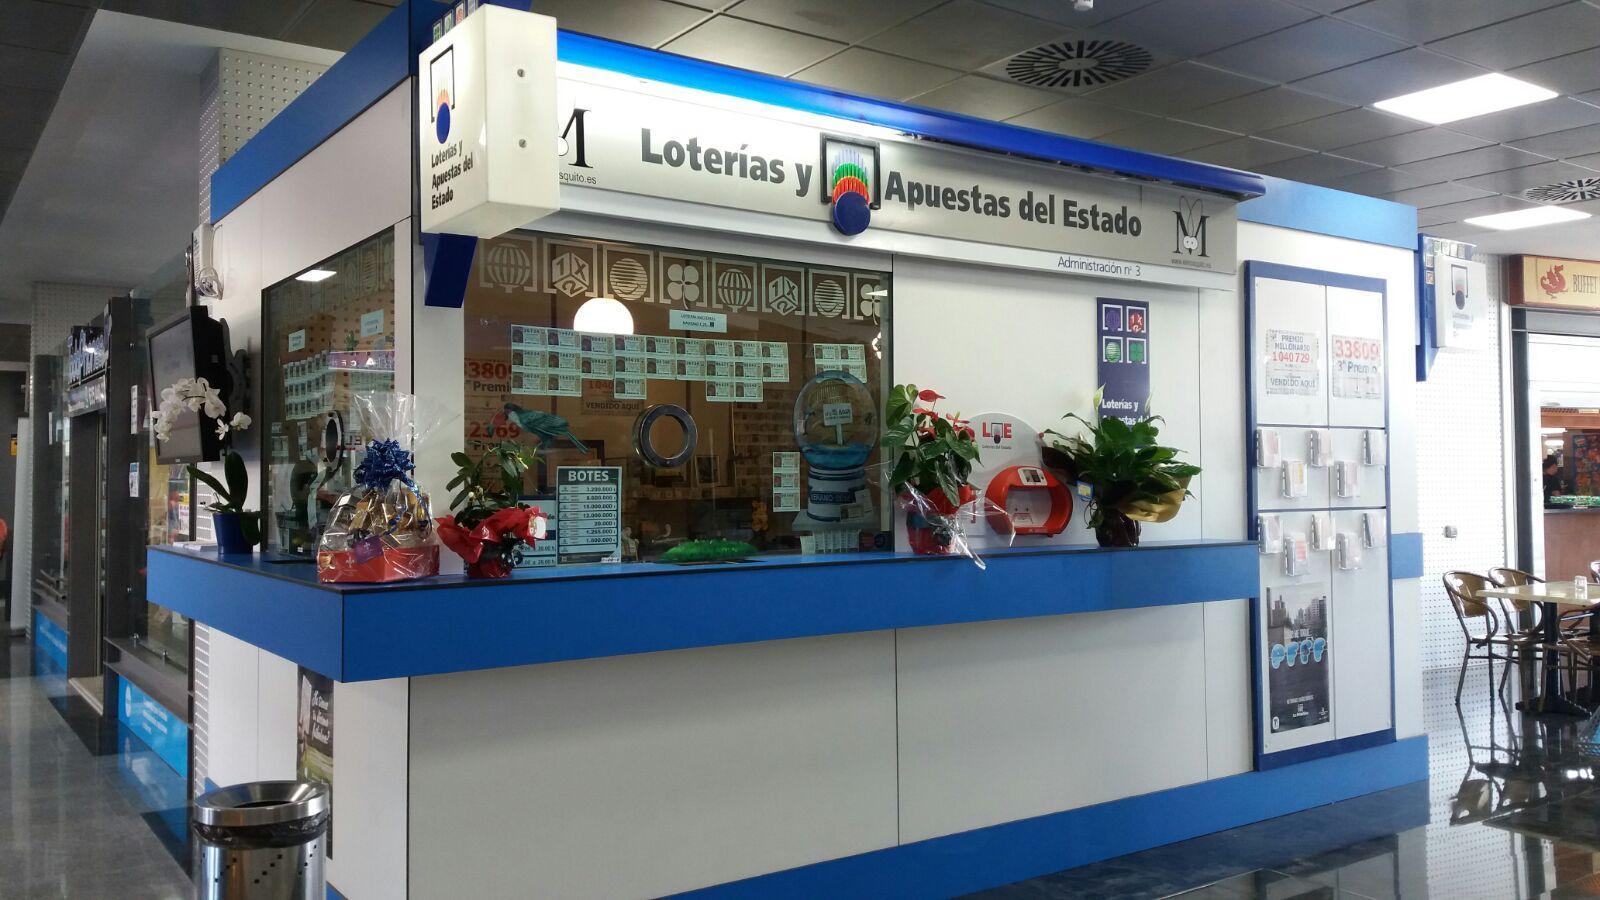 Administración nº3 de Loterías y Apuestas del Estado - El Mosquito